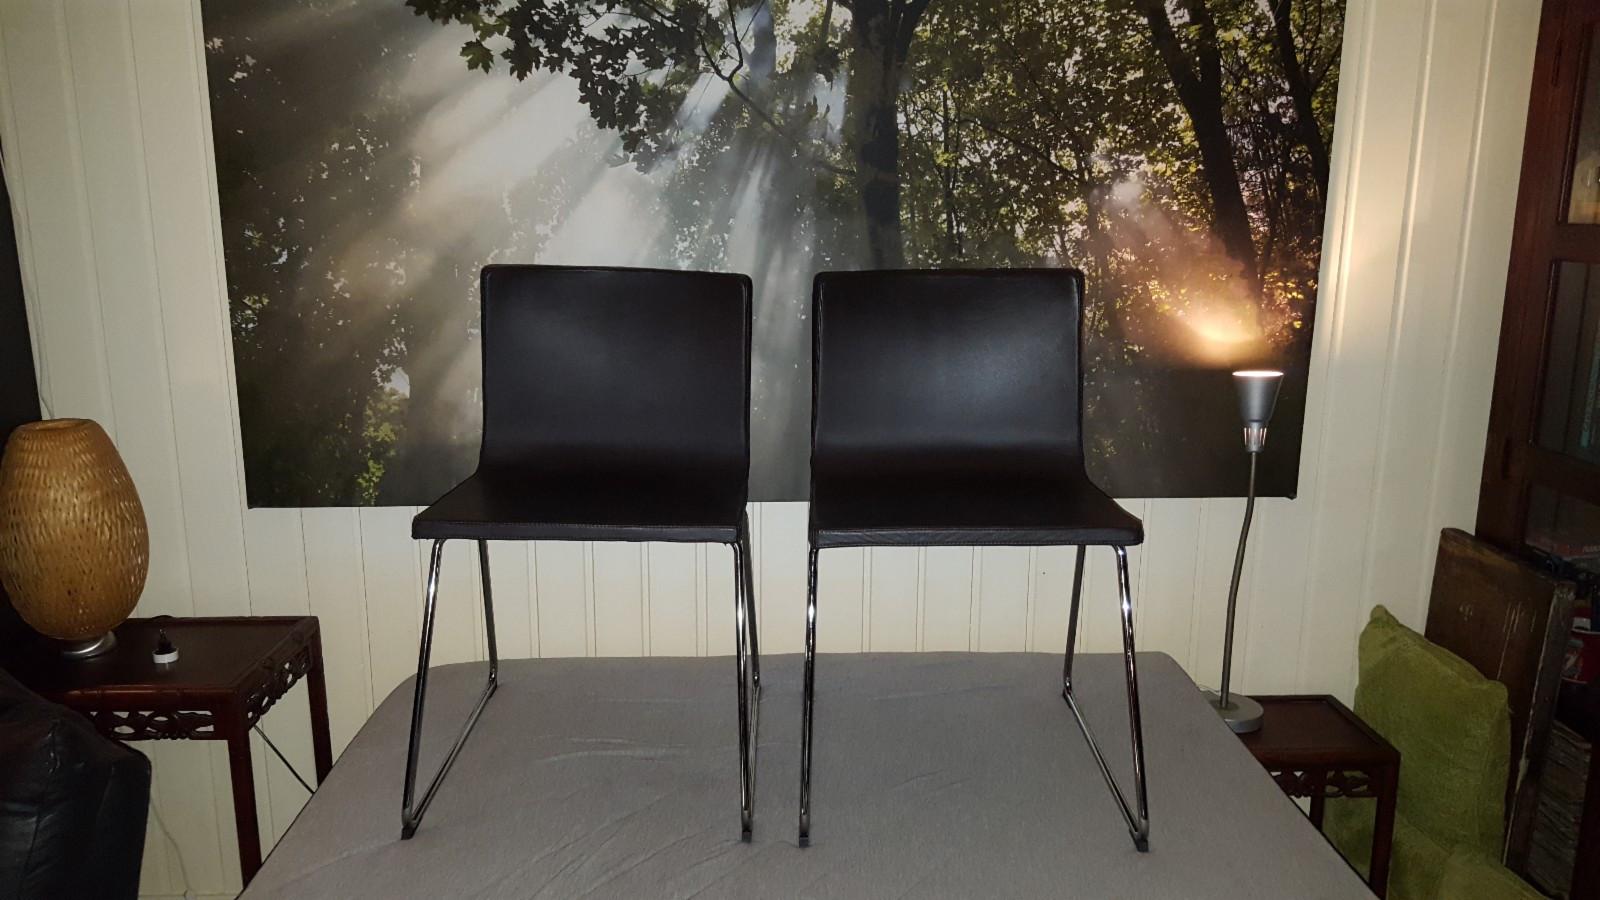 IKEA Bernhard stoler (2 stk.) - Fjerdingby  - Selger to Ikea Bernhard stoler (sort). Pris kr 450 for en stol. Stolene er veldig lite brukt. Ny pris kr 995 for en stol. - Fjerdingby